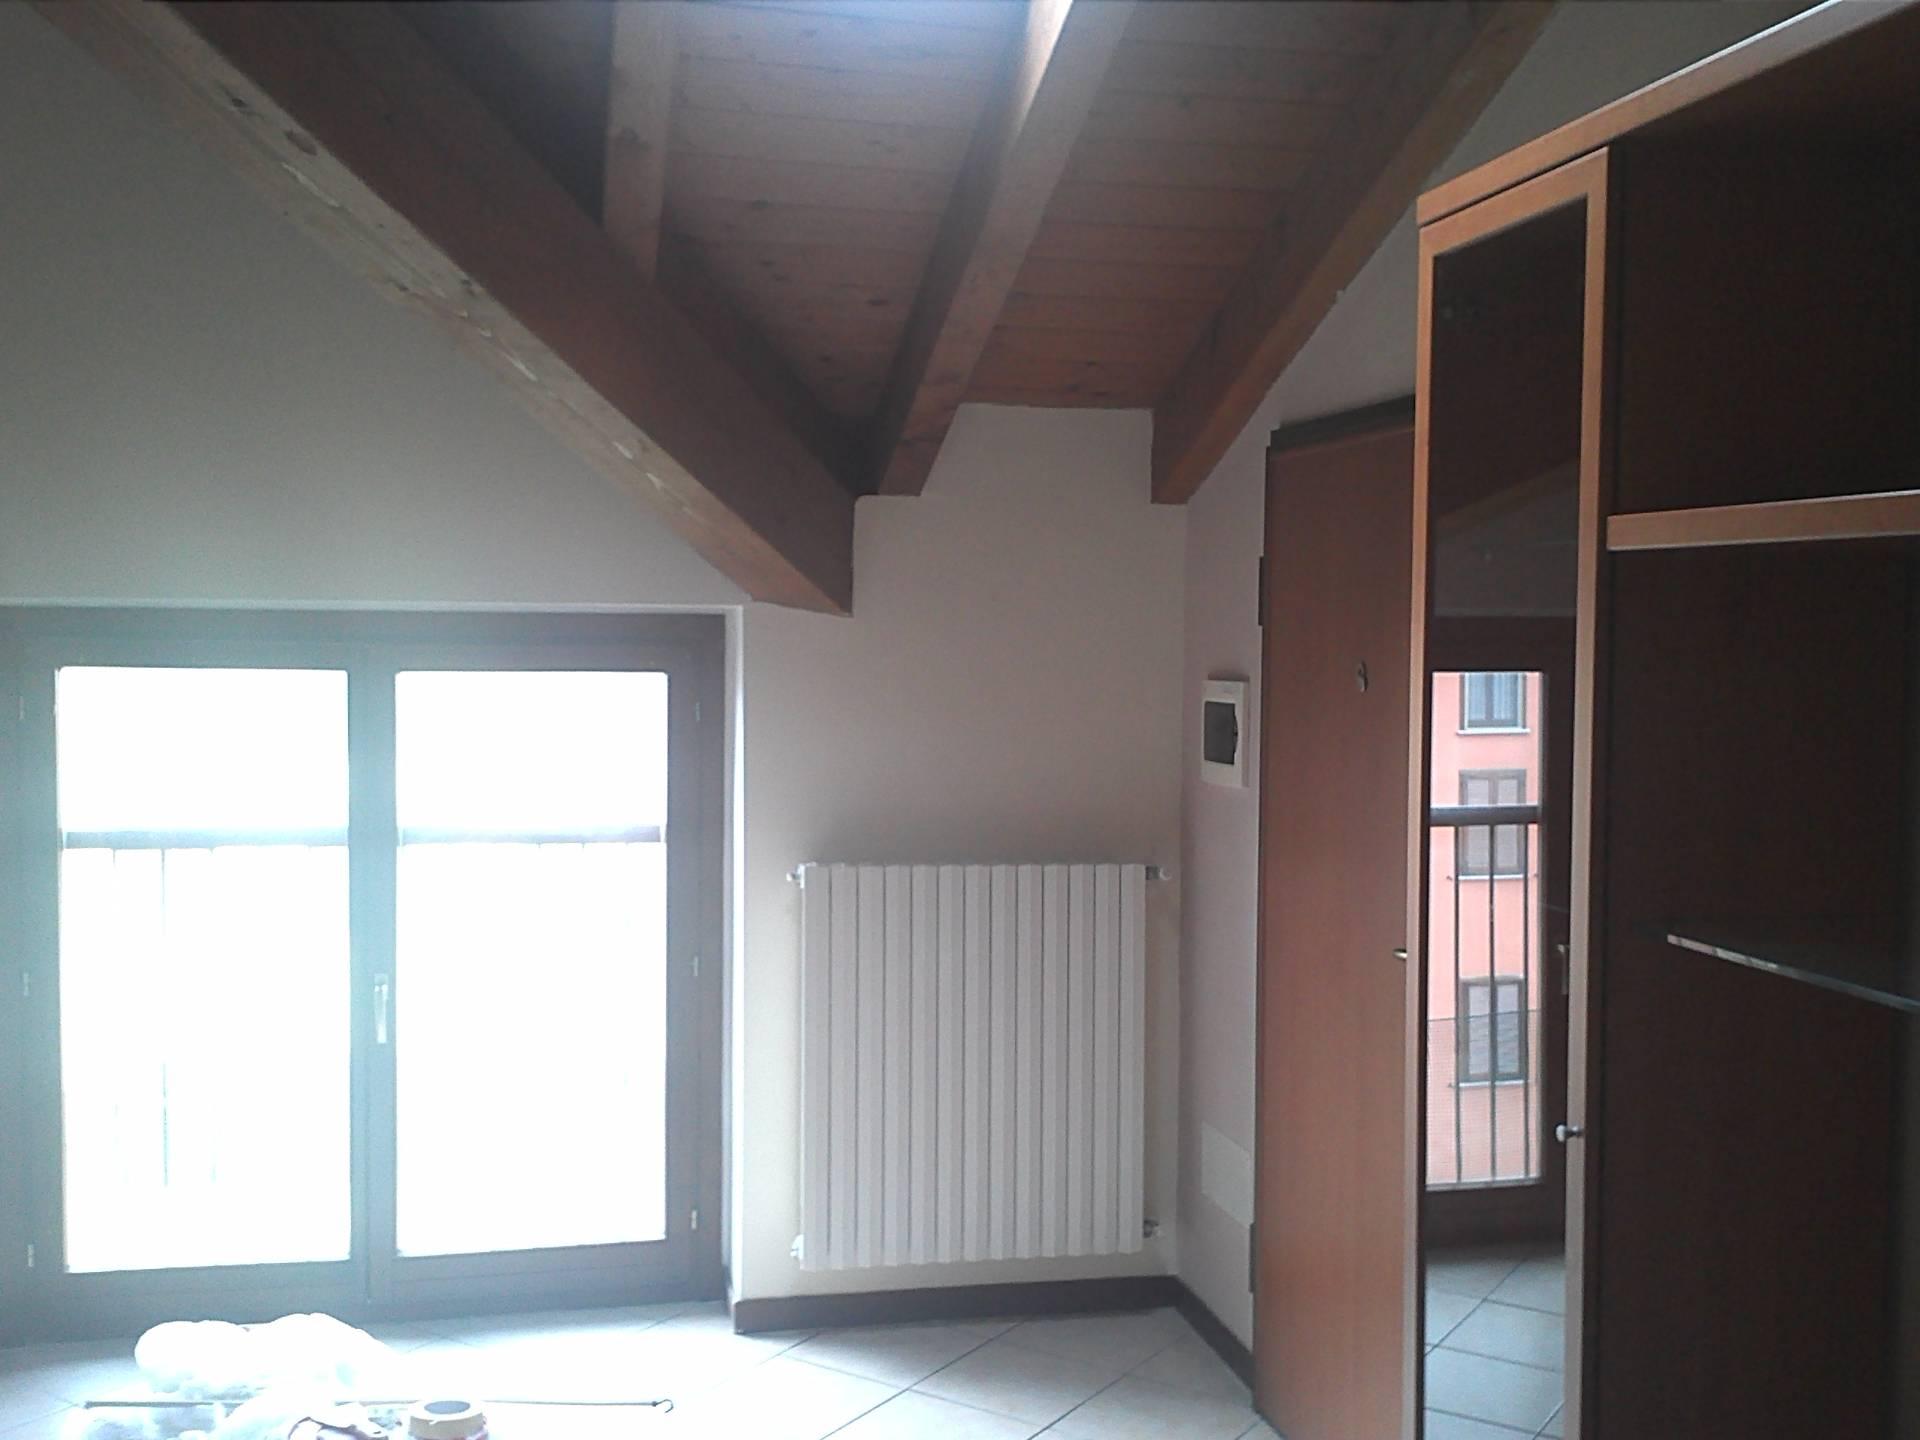 Attico / Mansarda in affitto a Ferno, 3 locali, prezzo € 118.000 | CambioCasa.it